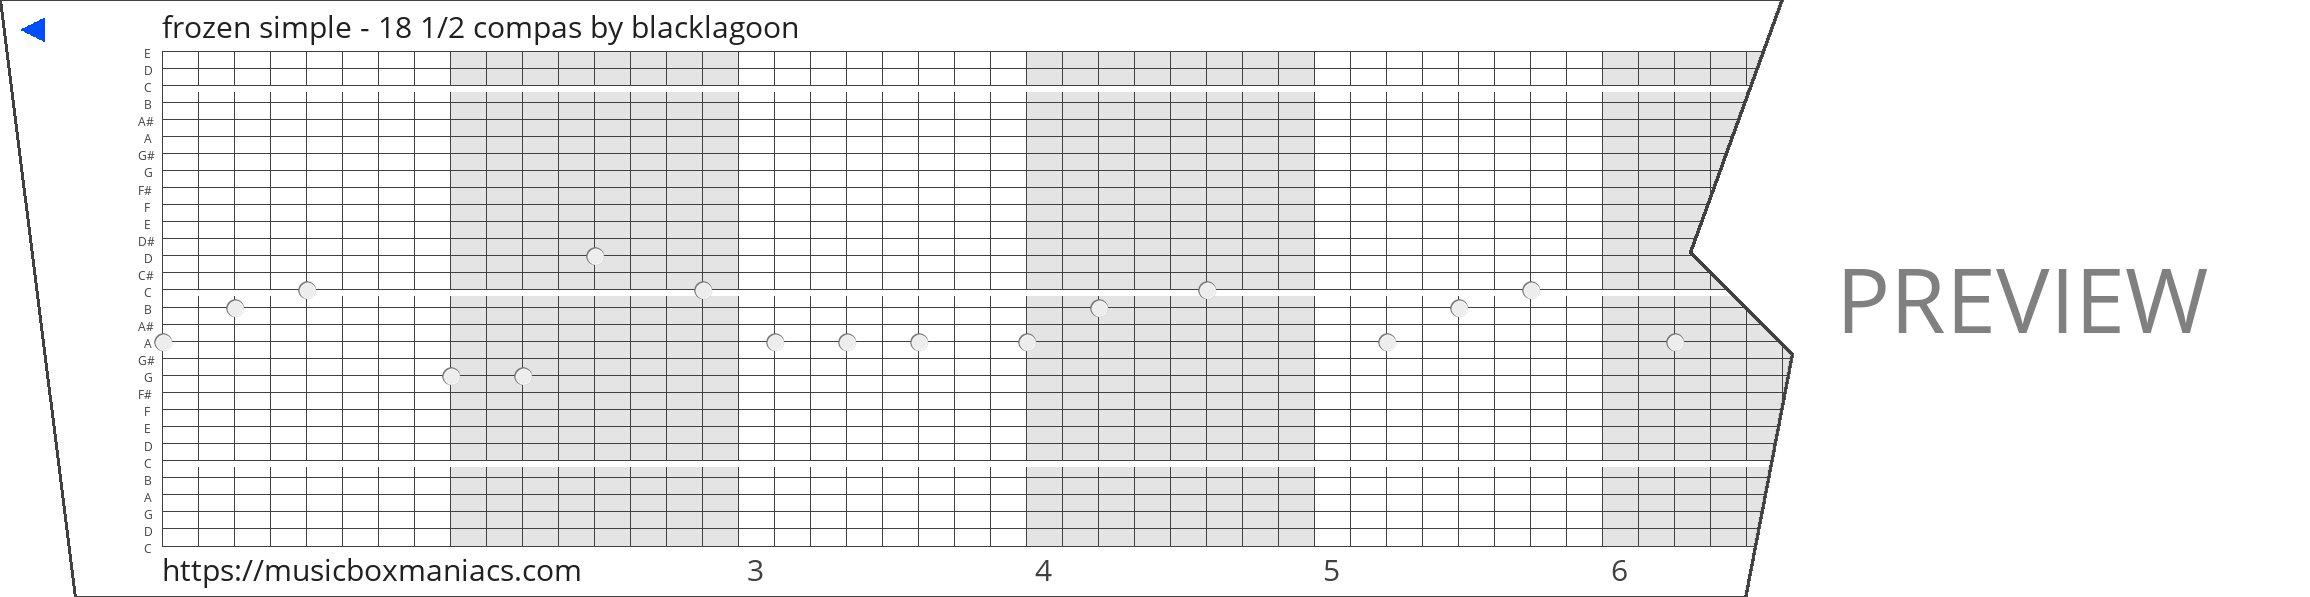 frozen simple - 18 1/2 compas 30 note music box paper strip